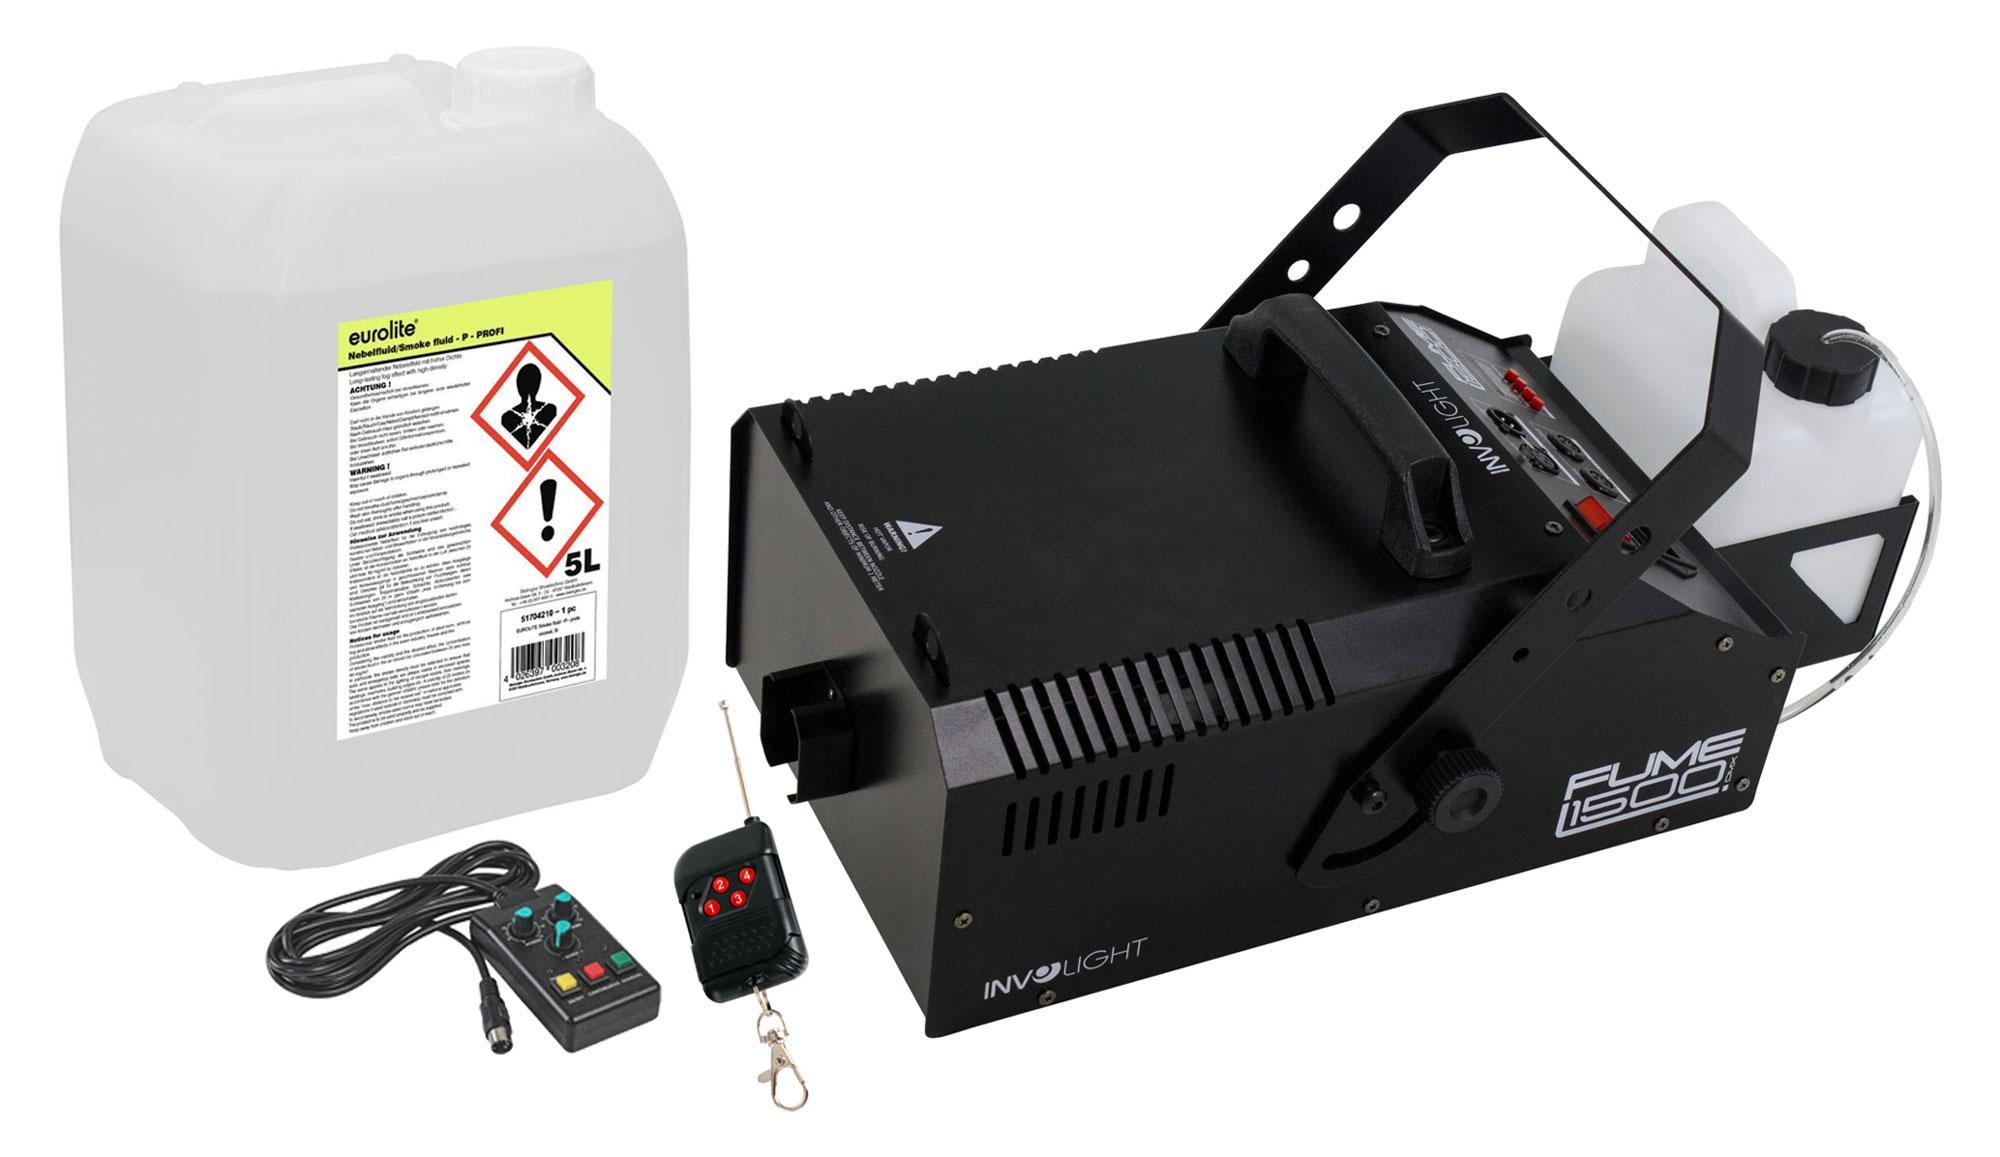 Nebeleffekte - Involight Fume 1500 DMX Nebelmaschinen D 800 Set inkl. Smoke Fluid, 5L - Onlineshop Musikhaus Kirstein